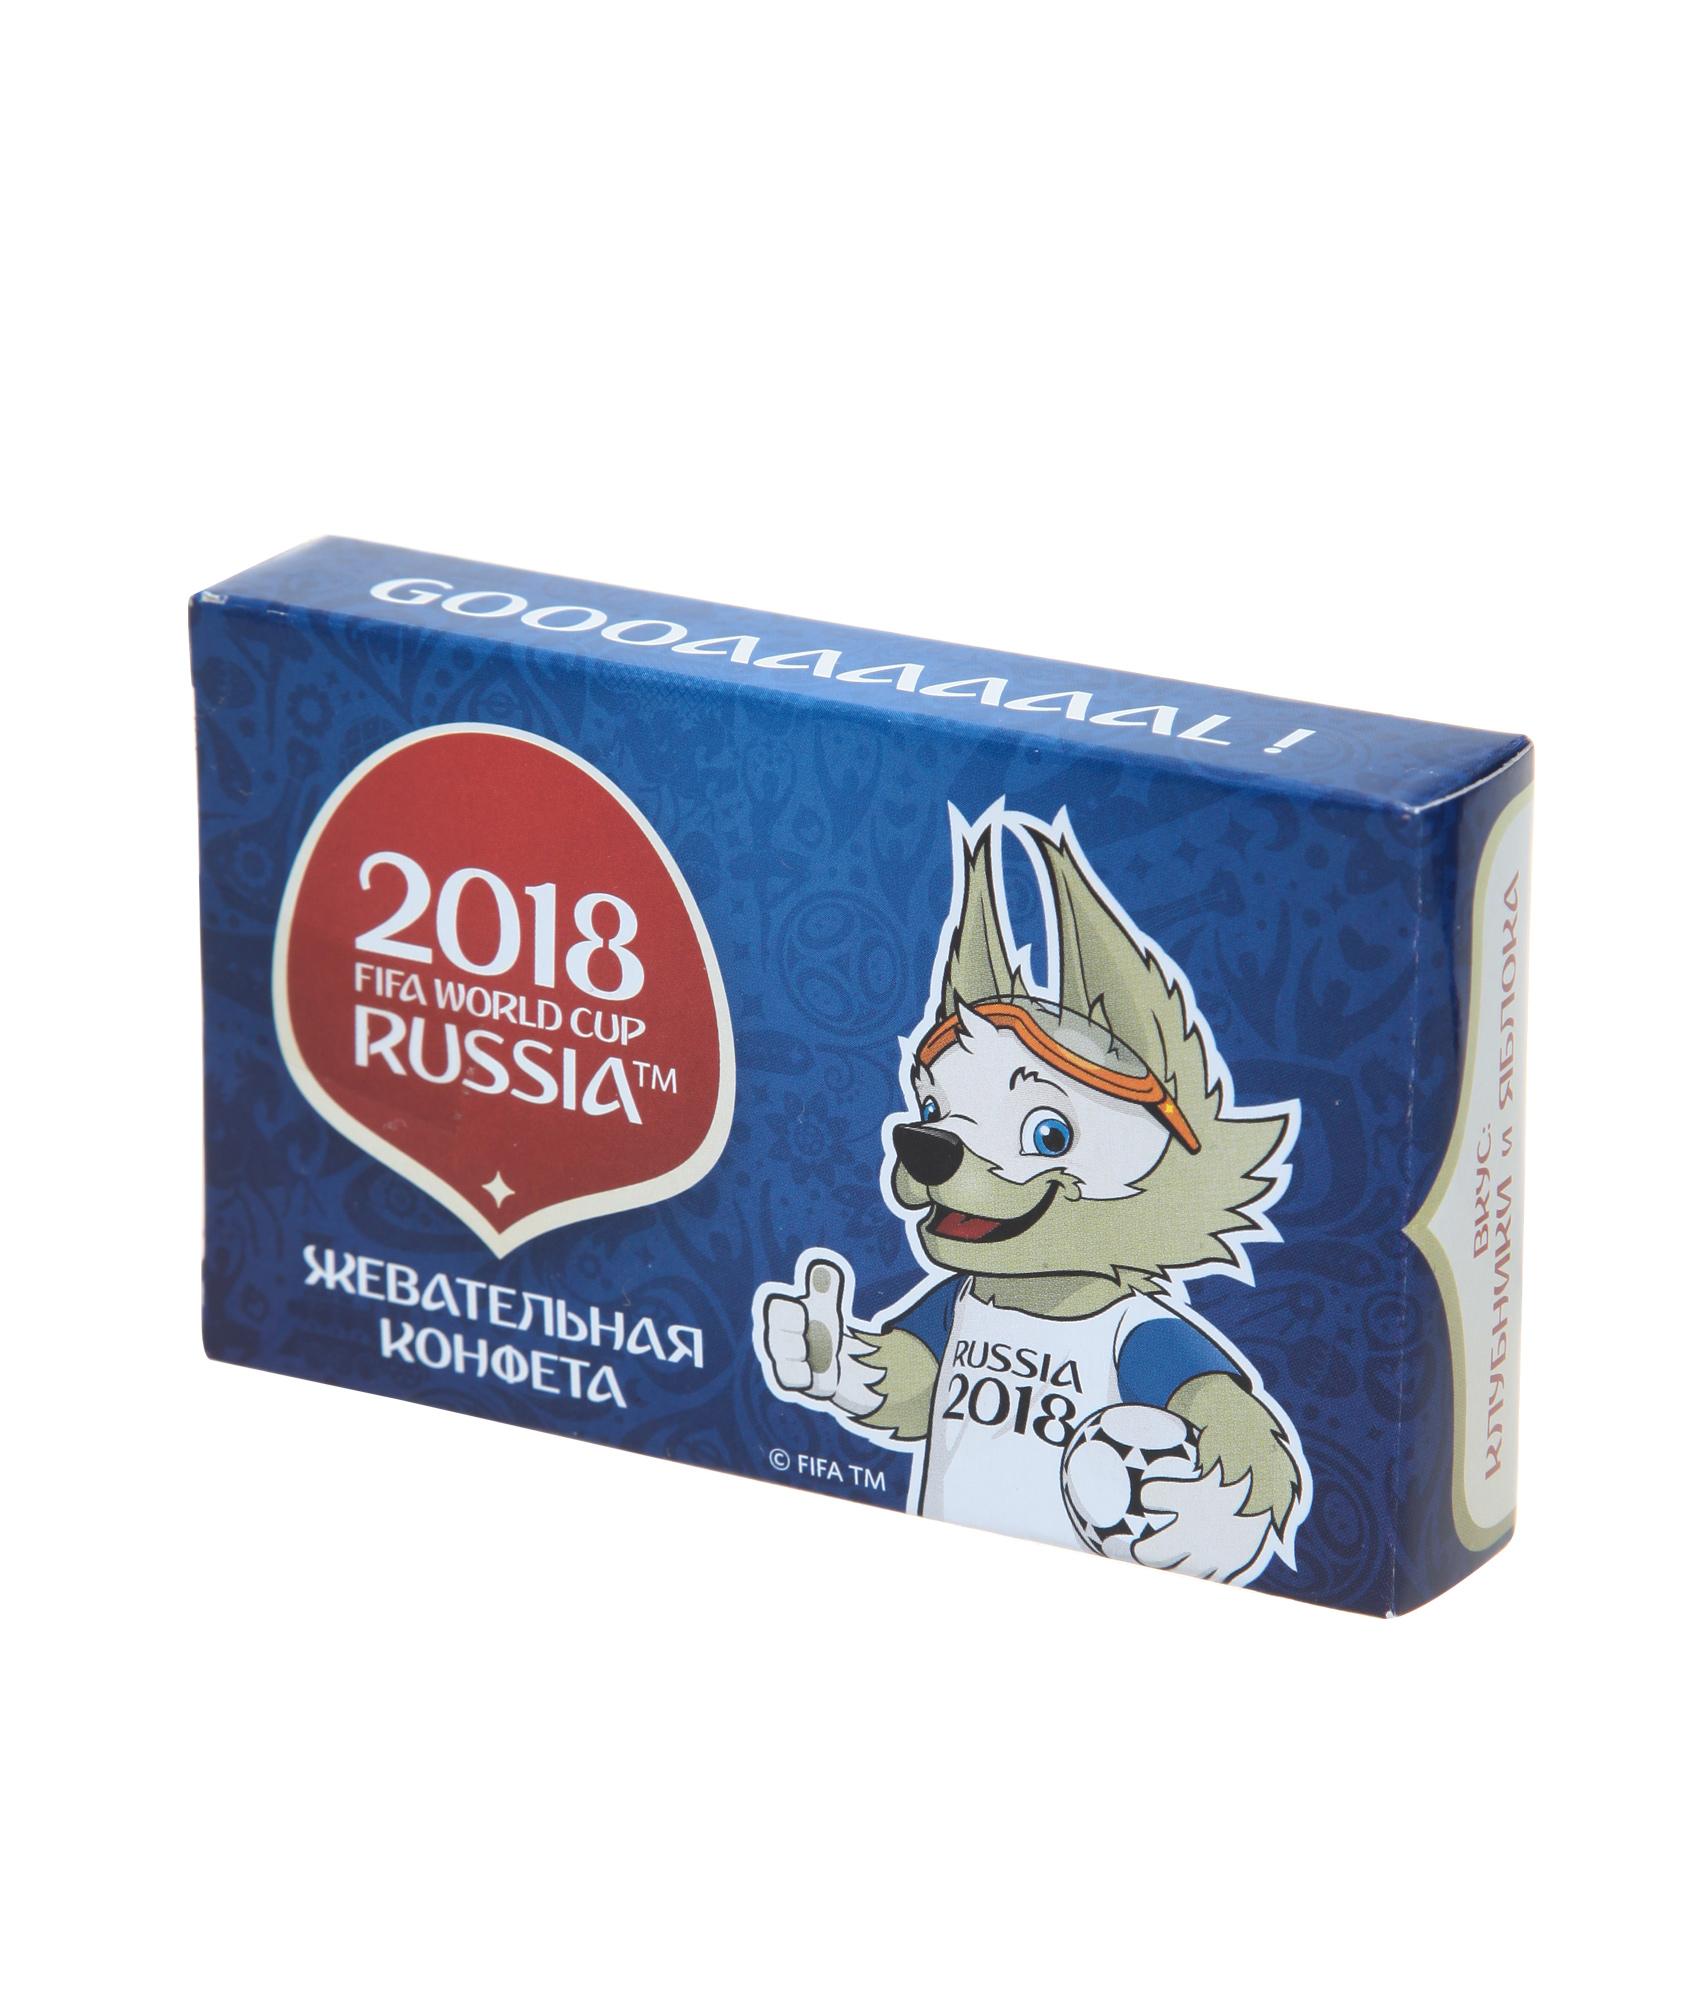 Кислые жевательные конфеты «Чемпионат мира 2018» Зенит sweet doctor конфеты источник супер силы 50 гр